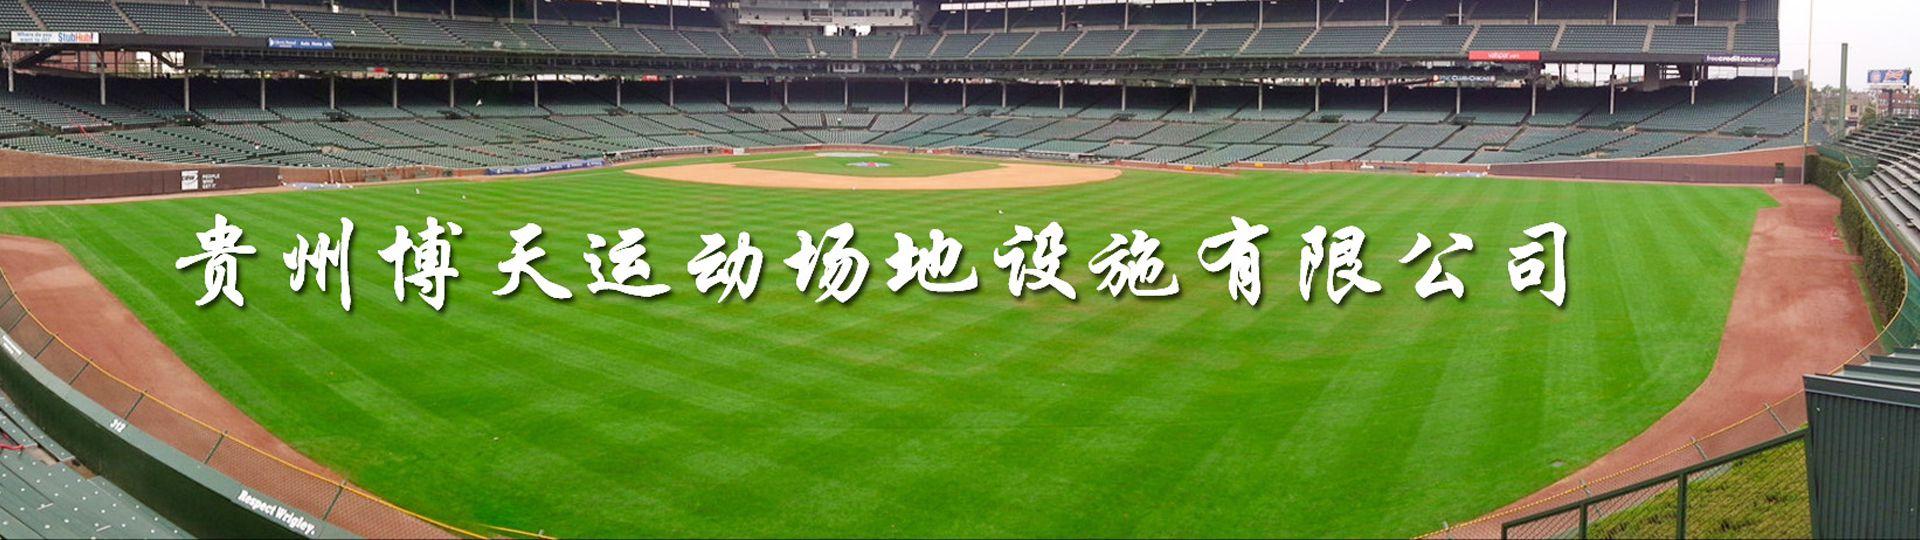 贵州体育场馆建设